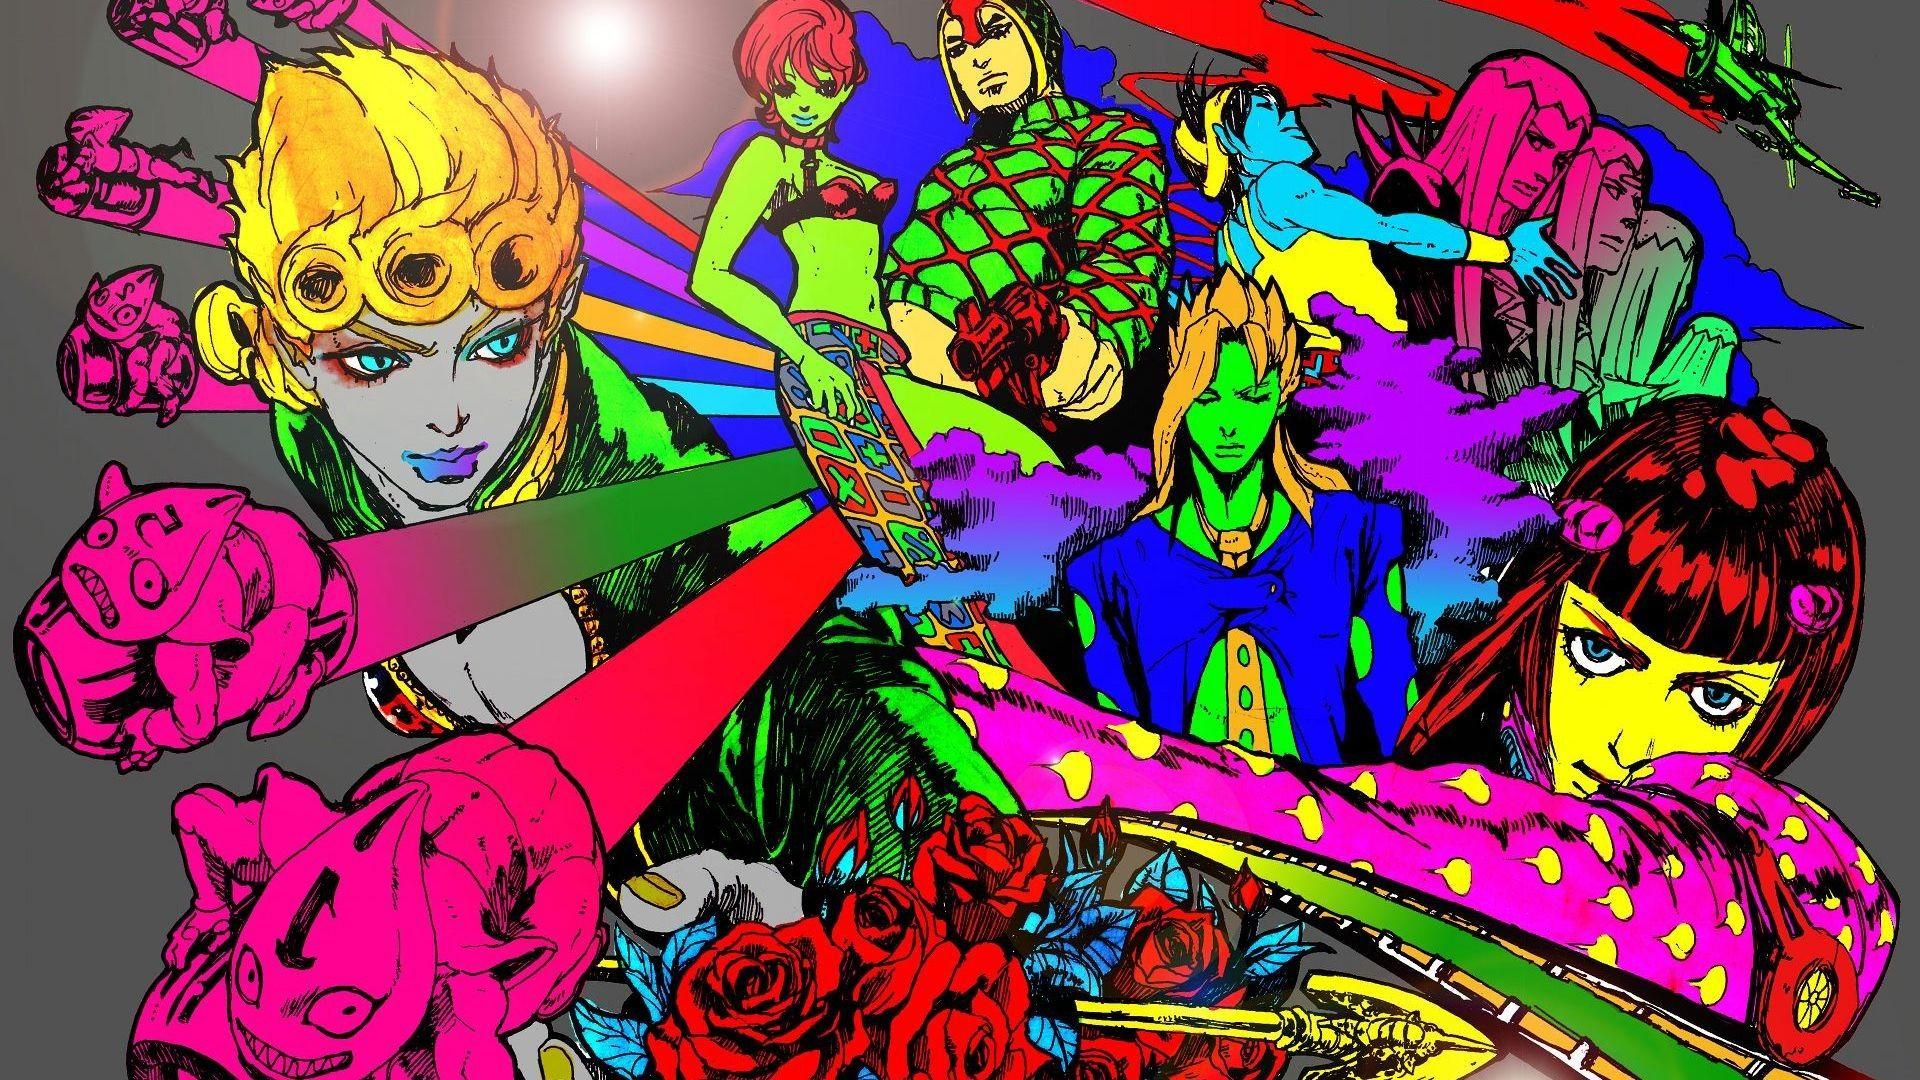 1920x1080 Jojo S Bizarre Adventure Wallpaper 8760 Jojo S Bizarre Adventure Jojo Bizarre Anime